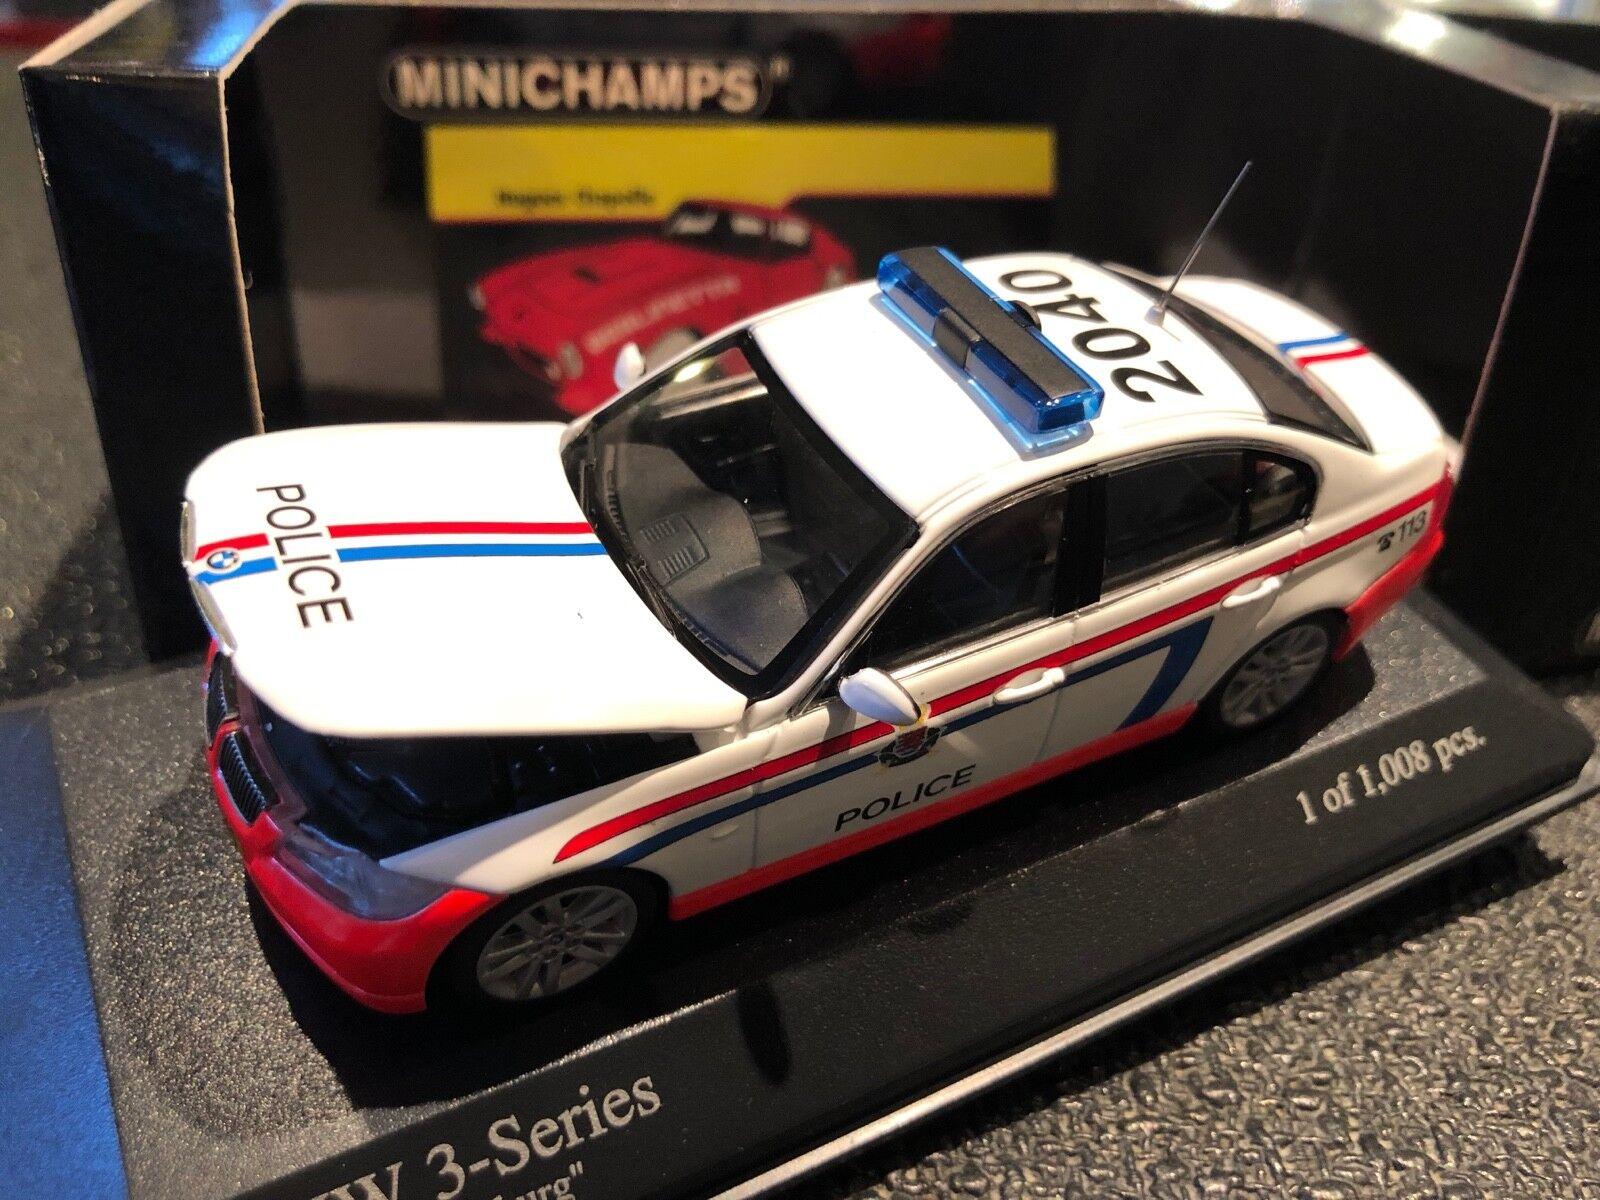 Minichamps 431 024190 3er bmw 2005 polizei luxemburg polizei 1   43 neue boxen